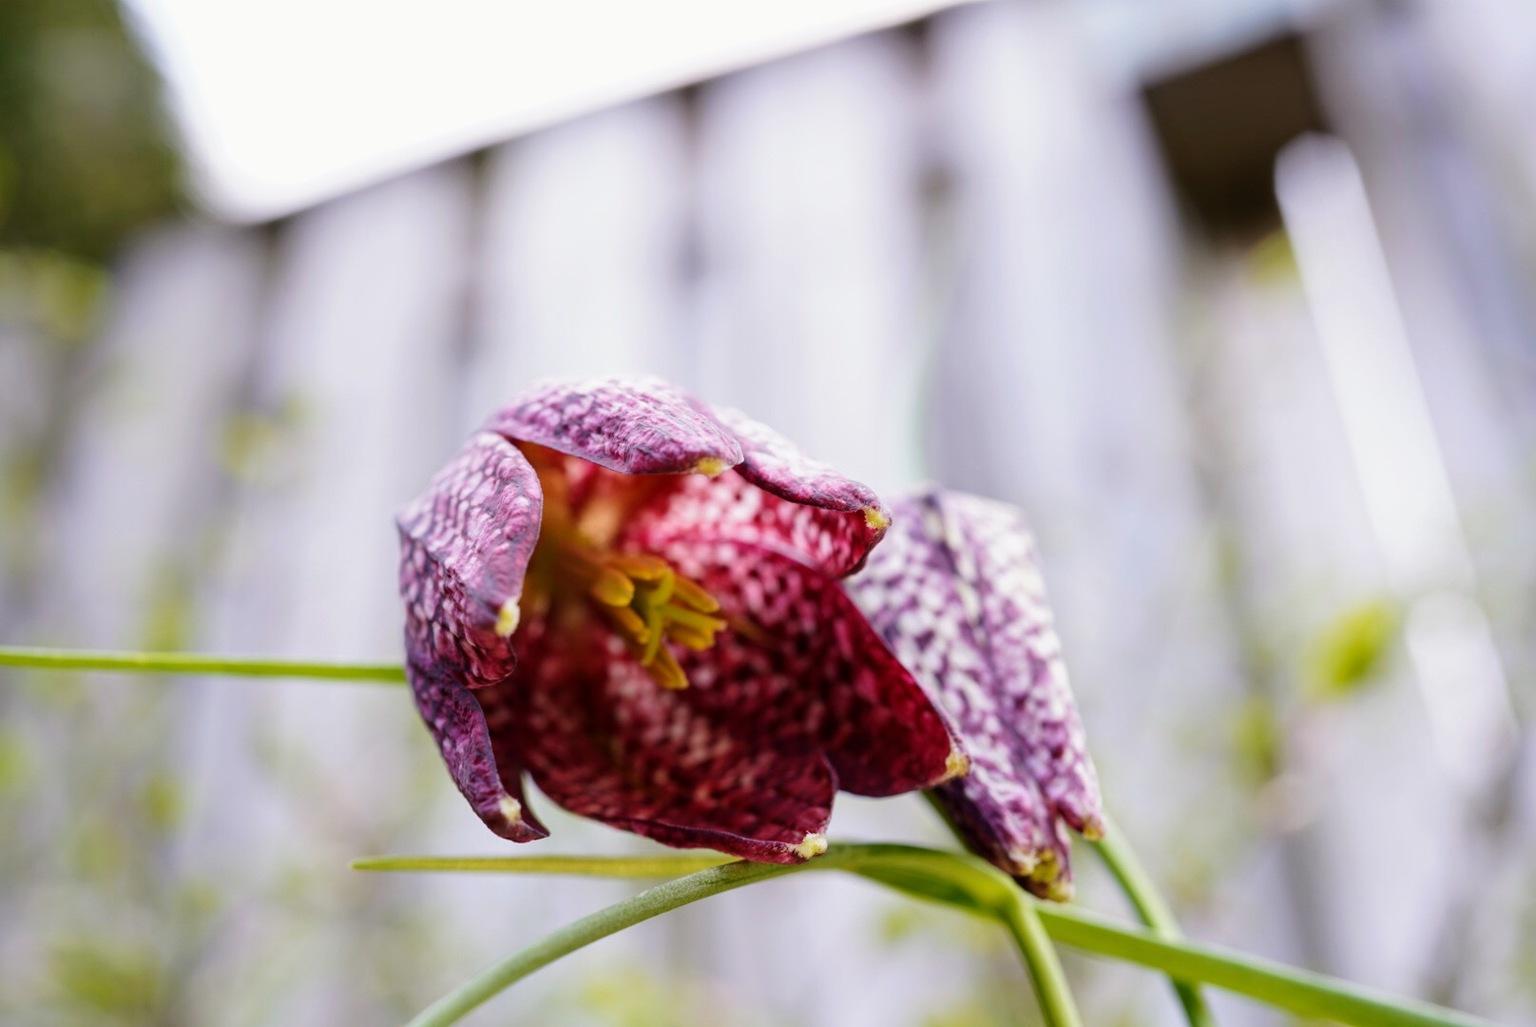 Kievietsbloem - Van beneden - foto door Frenk2021 op 11-04-2021 - locatie: Veldhoven, Nederland - deze foto bevat: kievietsbloemen, voorjaar, bloem, fabriek, snake's hoofd, purper, bloemblaadje, terrestrische plant, bloeiende plant, magenta, kunst, takje